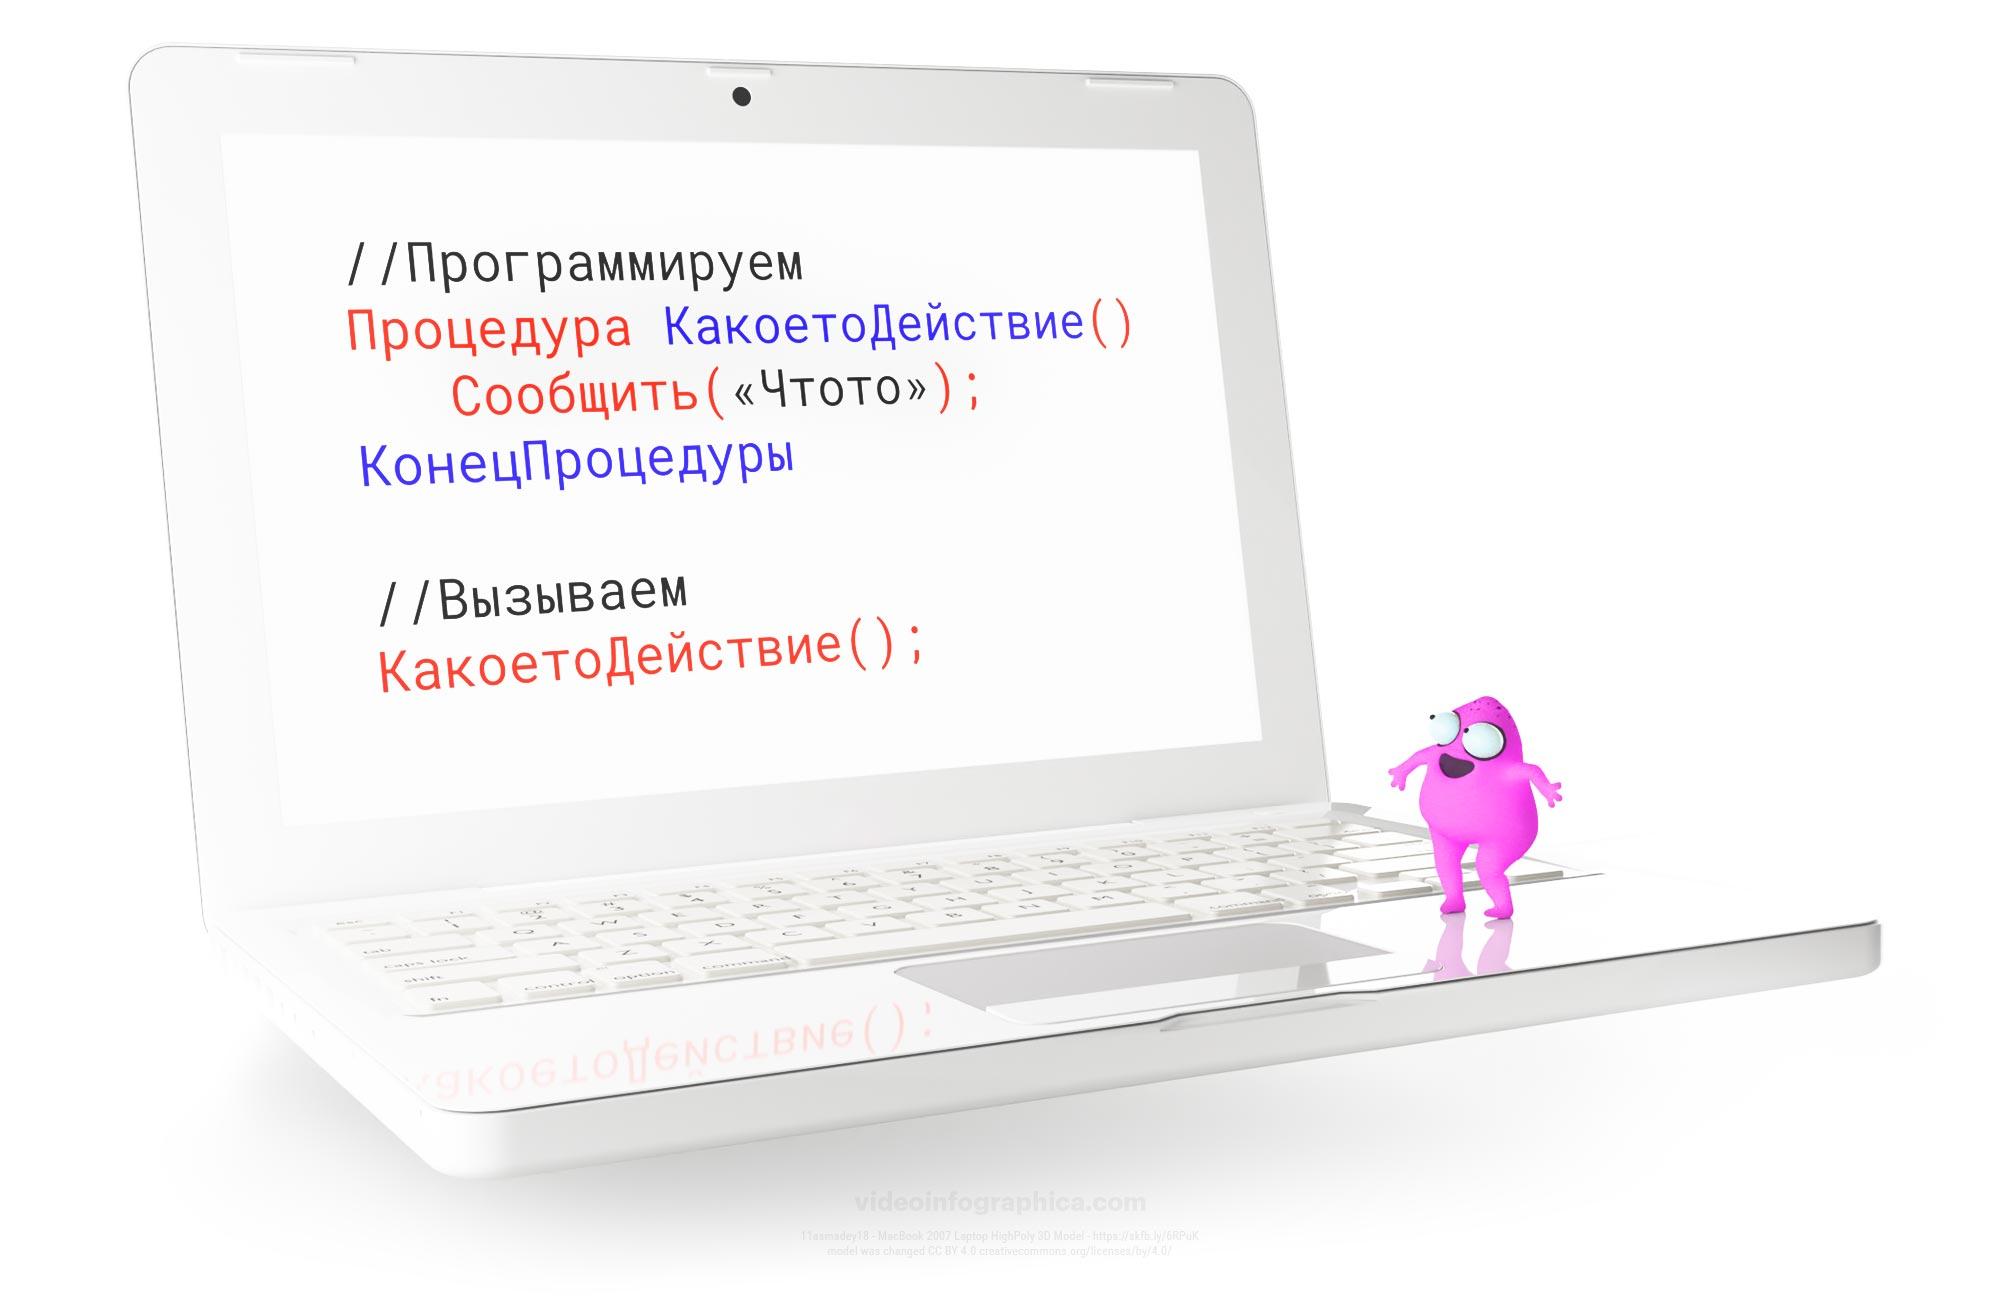 синтаксис языка программирования 1с выглядит так